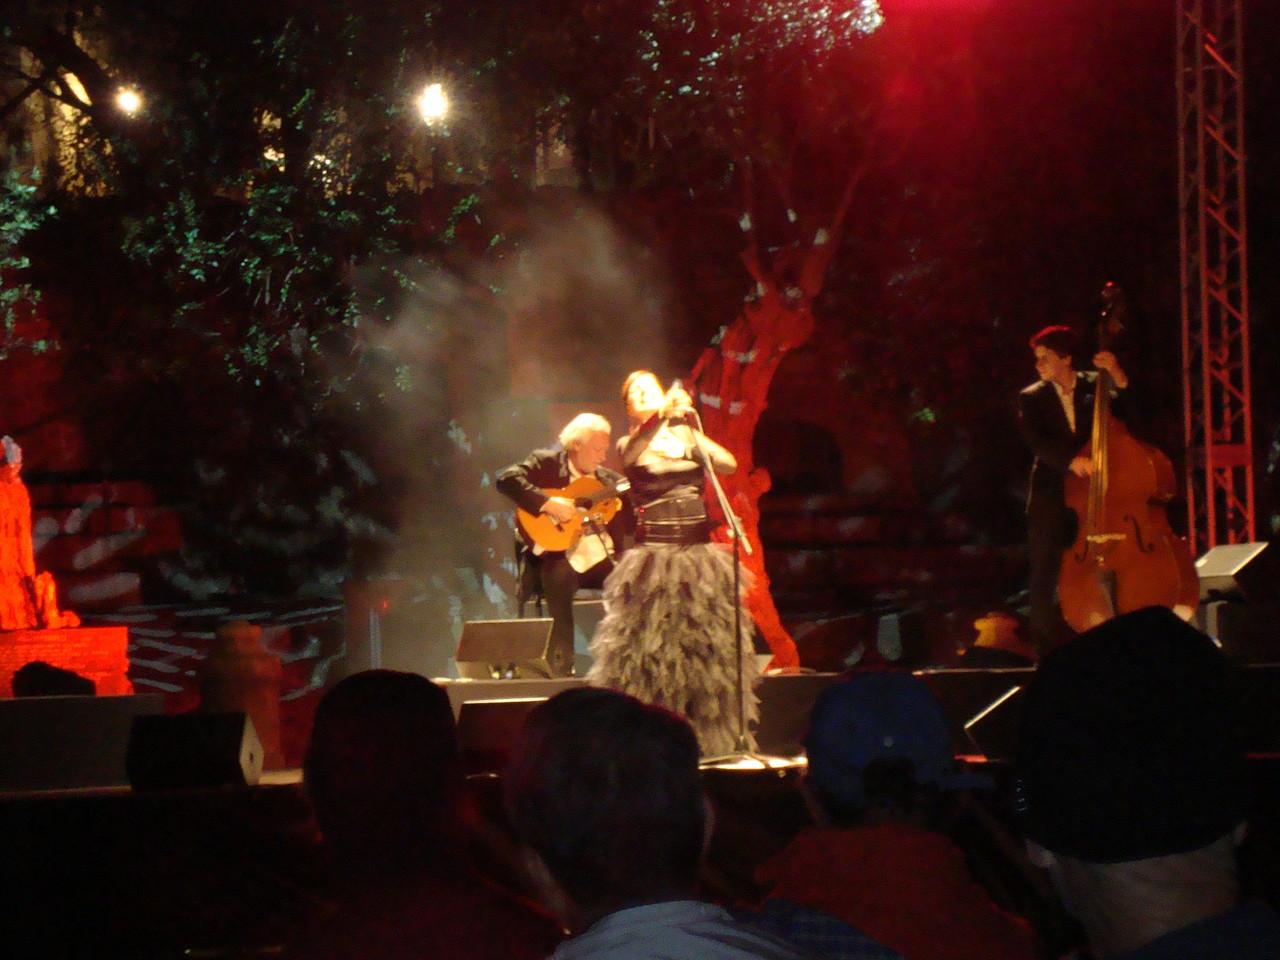 カティアゲレイロのコンサートでした。贅沢な時間。